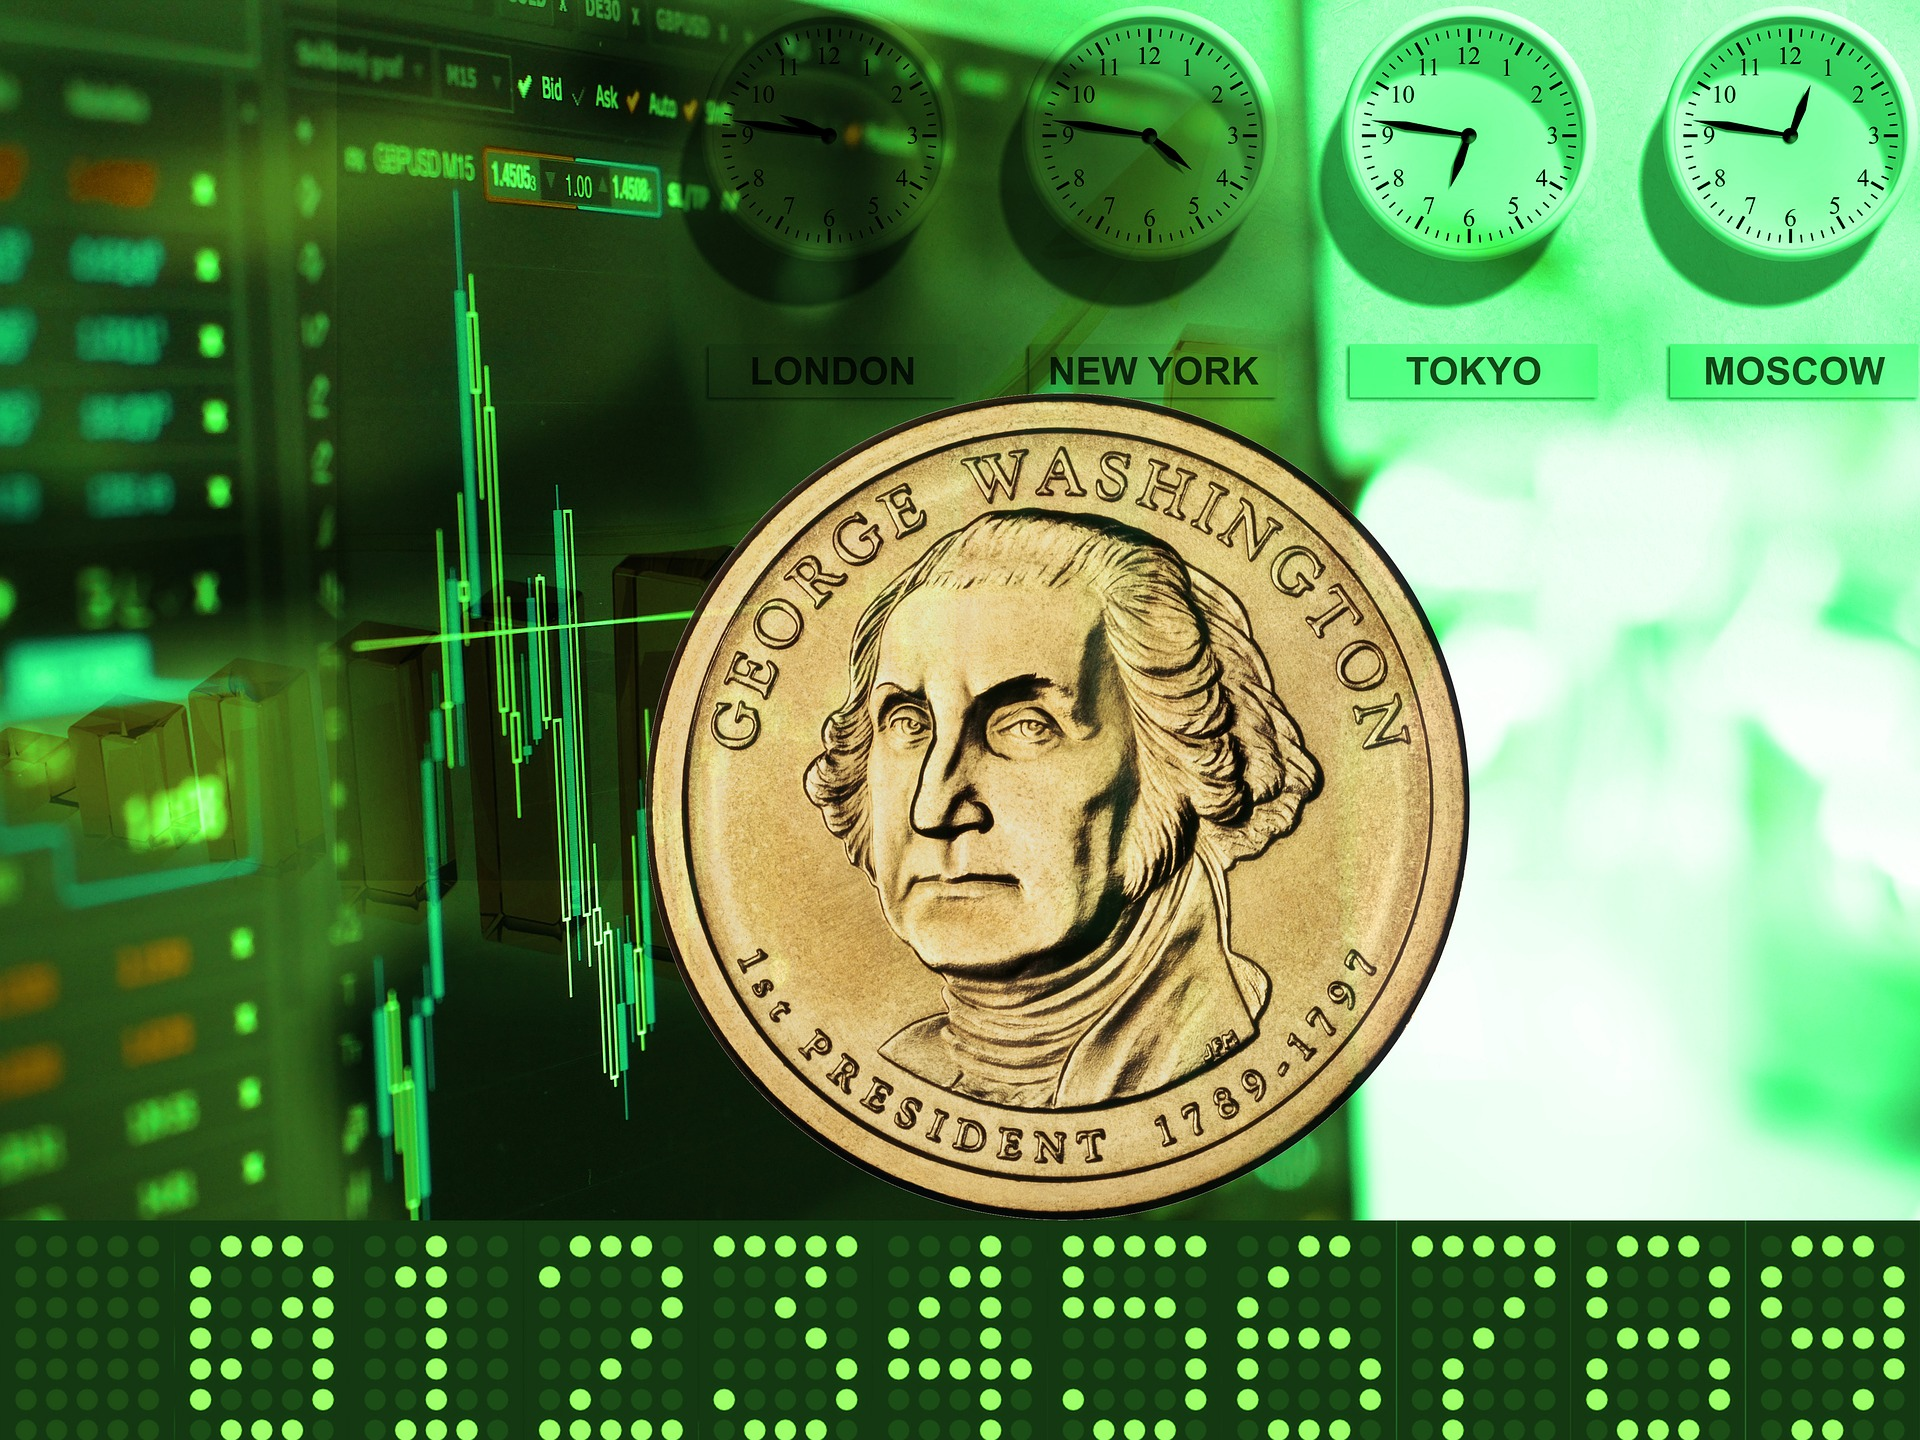 Preisanalyse auf Bitcoin Code vornehmen